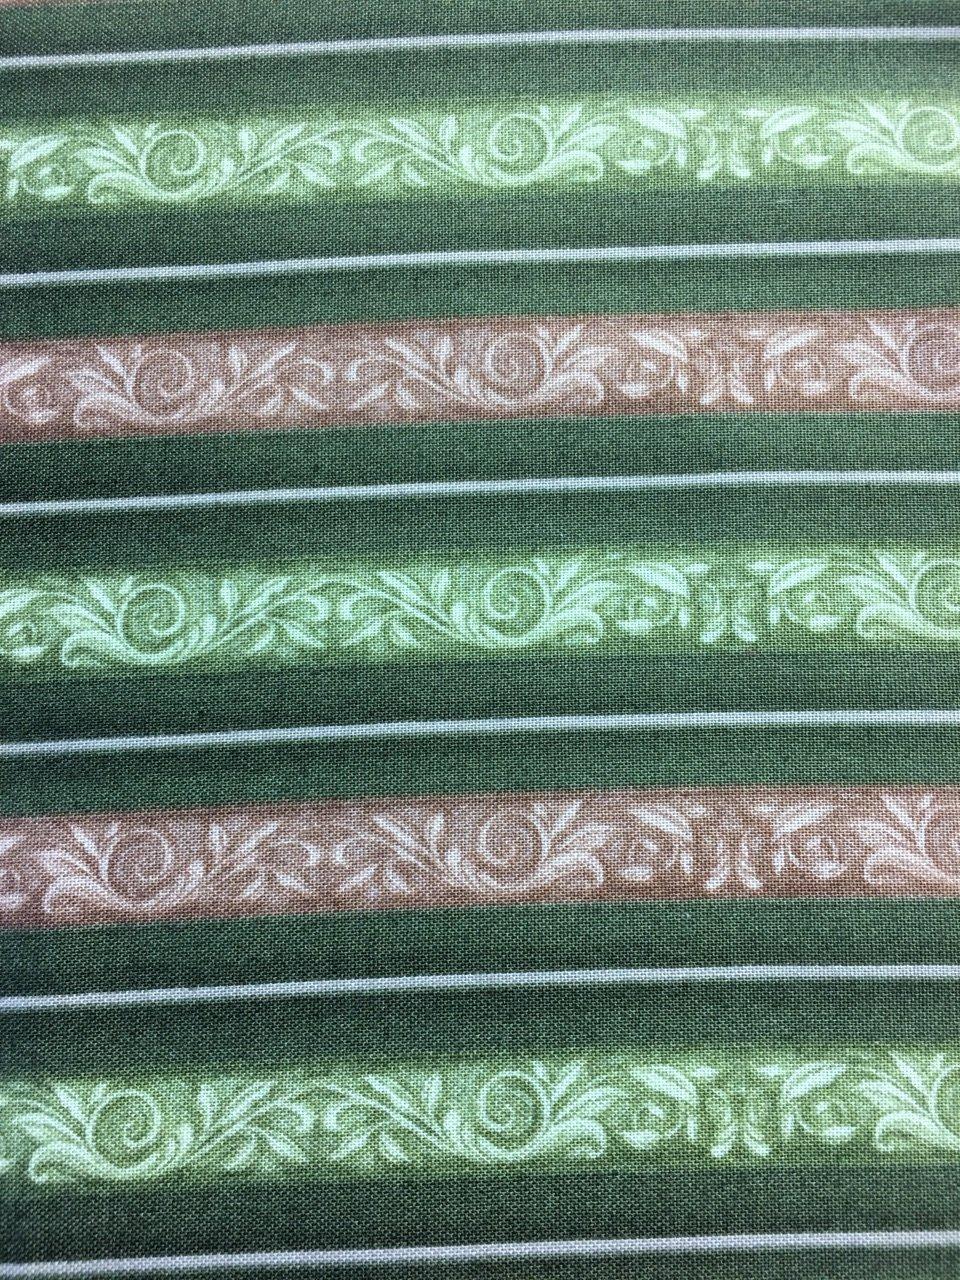 Fruit Basket - Stripes Tan & Green 1649-22345-F